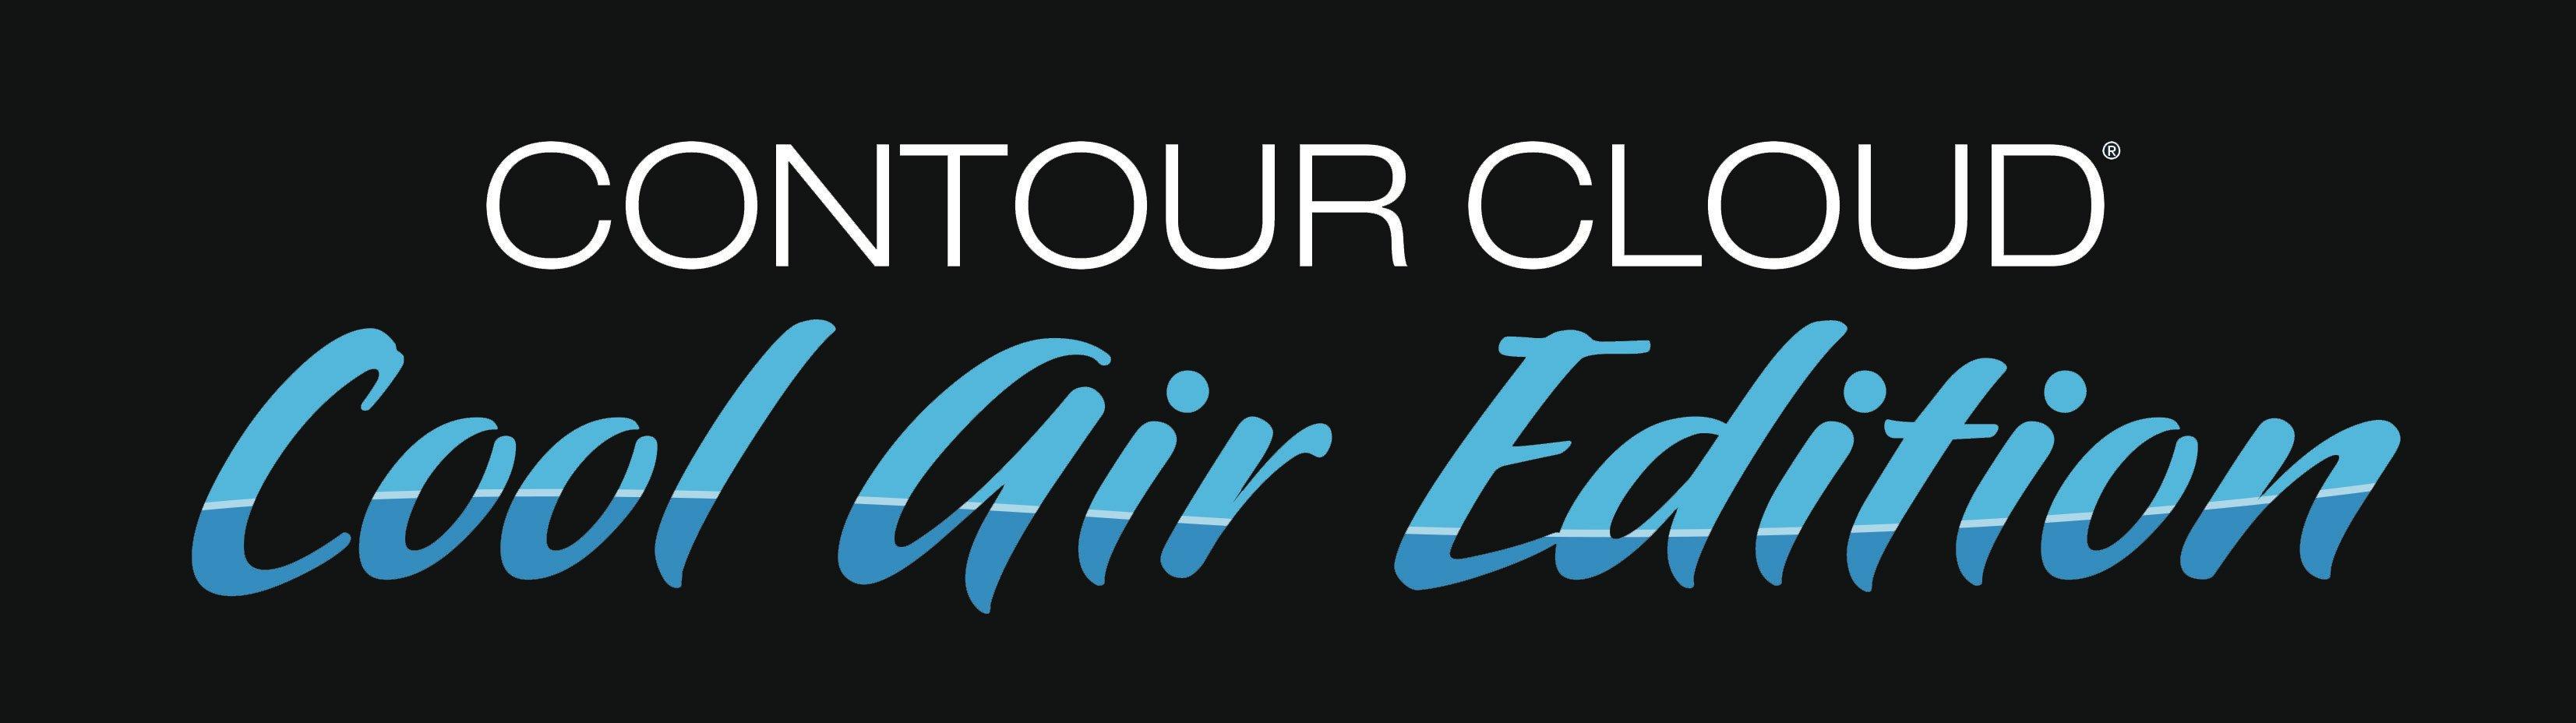 Cool Air Edition Logo